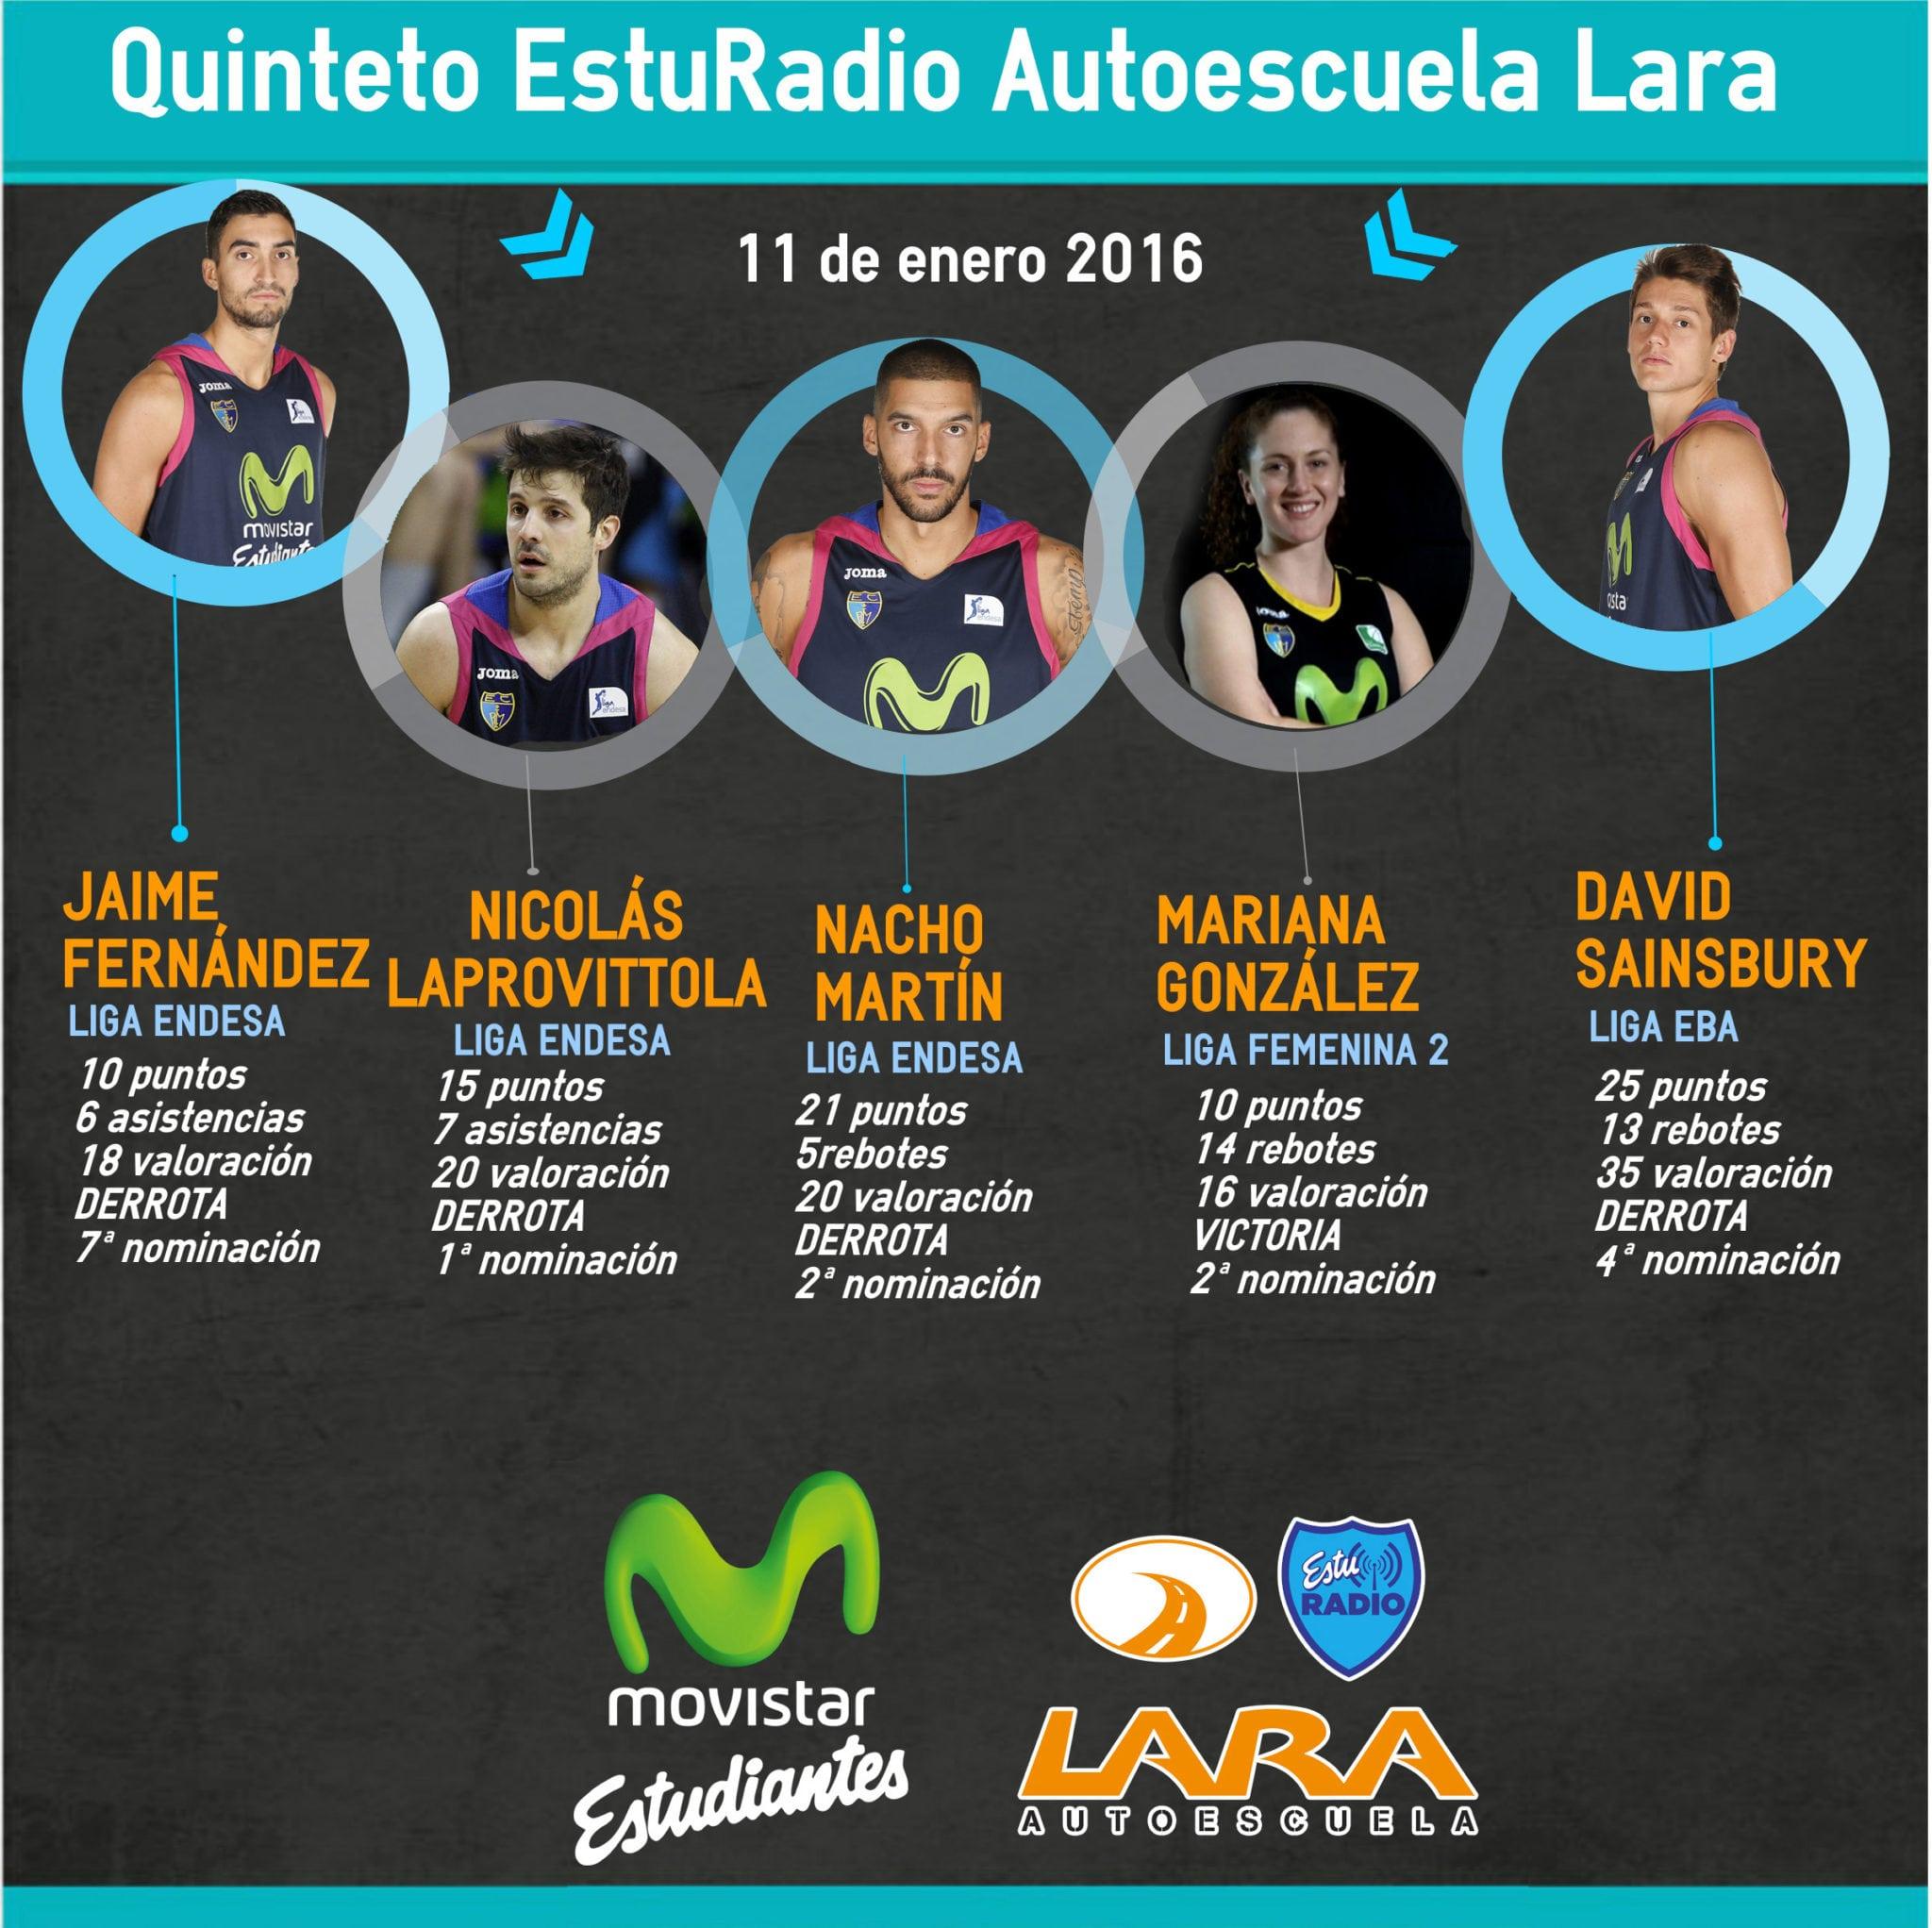 Jaime Fernández, Nico Laprovittola, Nacho Martín, Mariana González y David Sainsbury componen el primer Quinteto EstuRadio de 2016